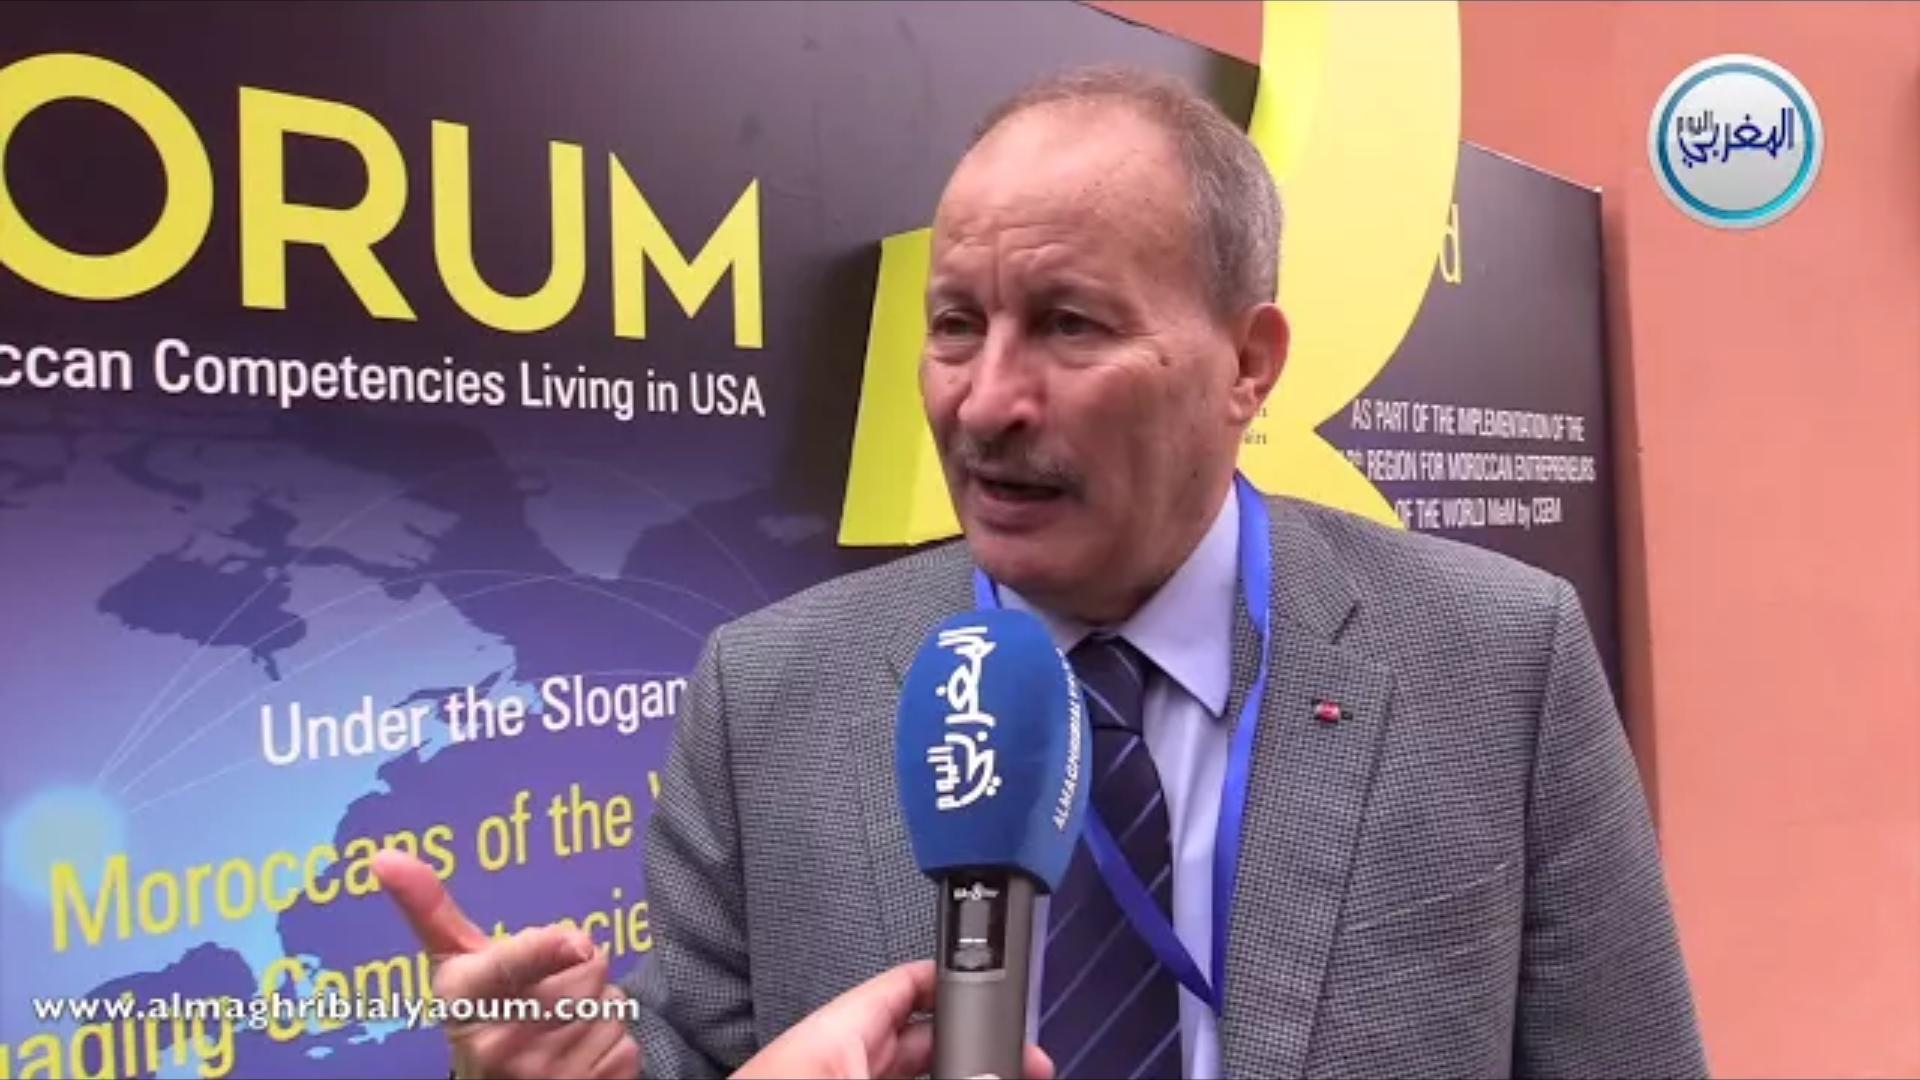 بالفيديو… حسن السمغوني يكشف من مراكش أهداف الملتقى 3 للكفاءات المغربية بأمريكا